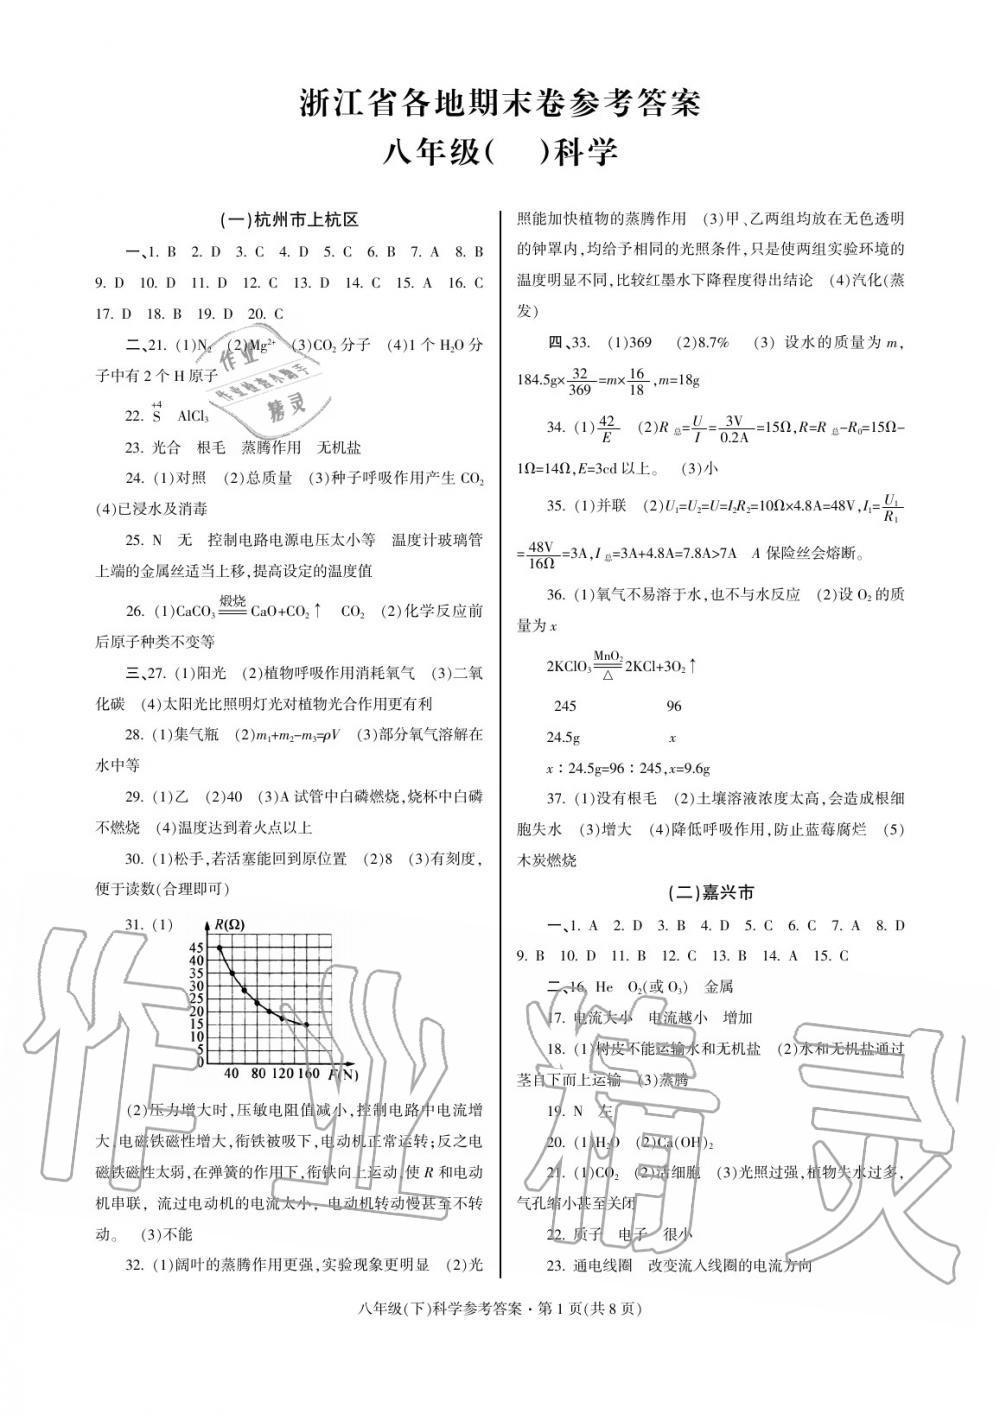 2020年浙江省各地期末试卷精编八年级科学下册参考答案第1页